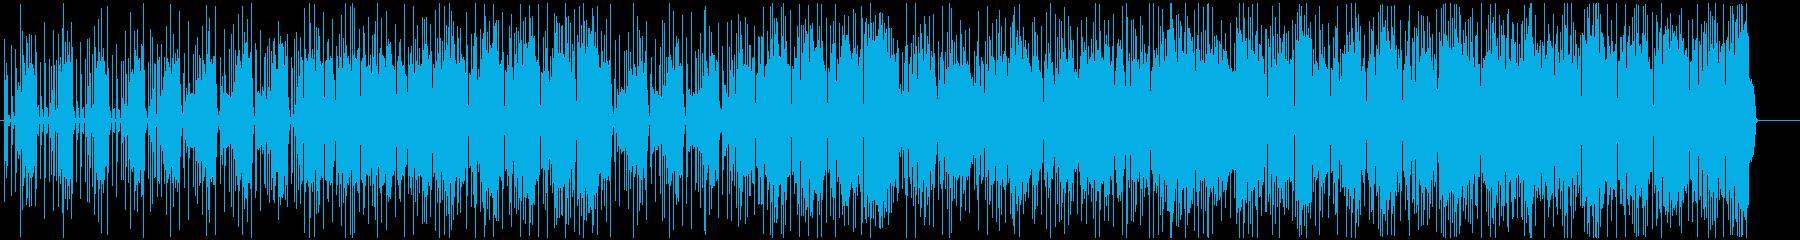 ストレートでカッコいいロック調ポップスの再生済みの波形